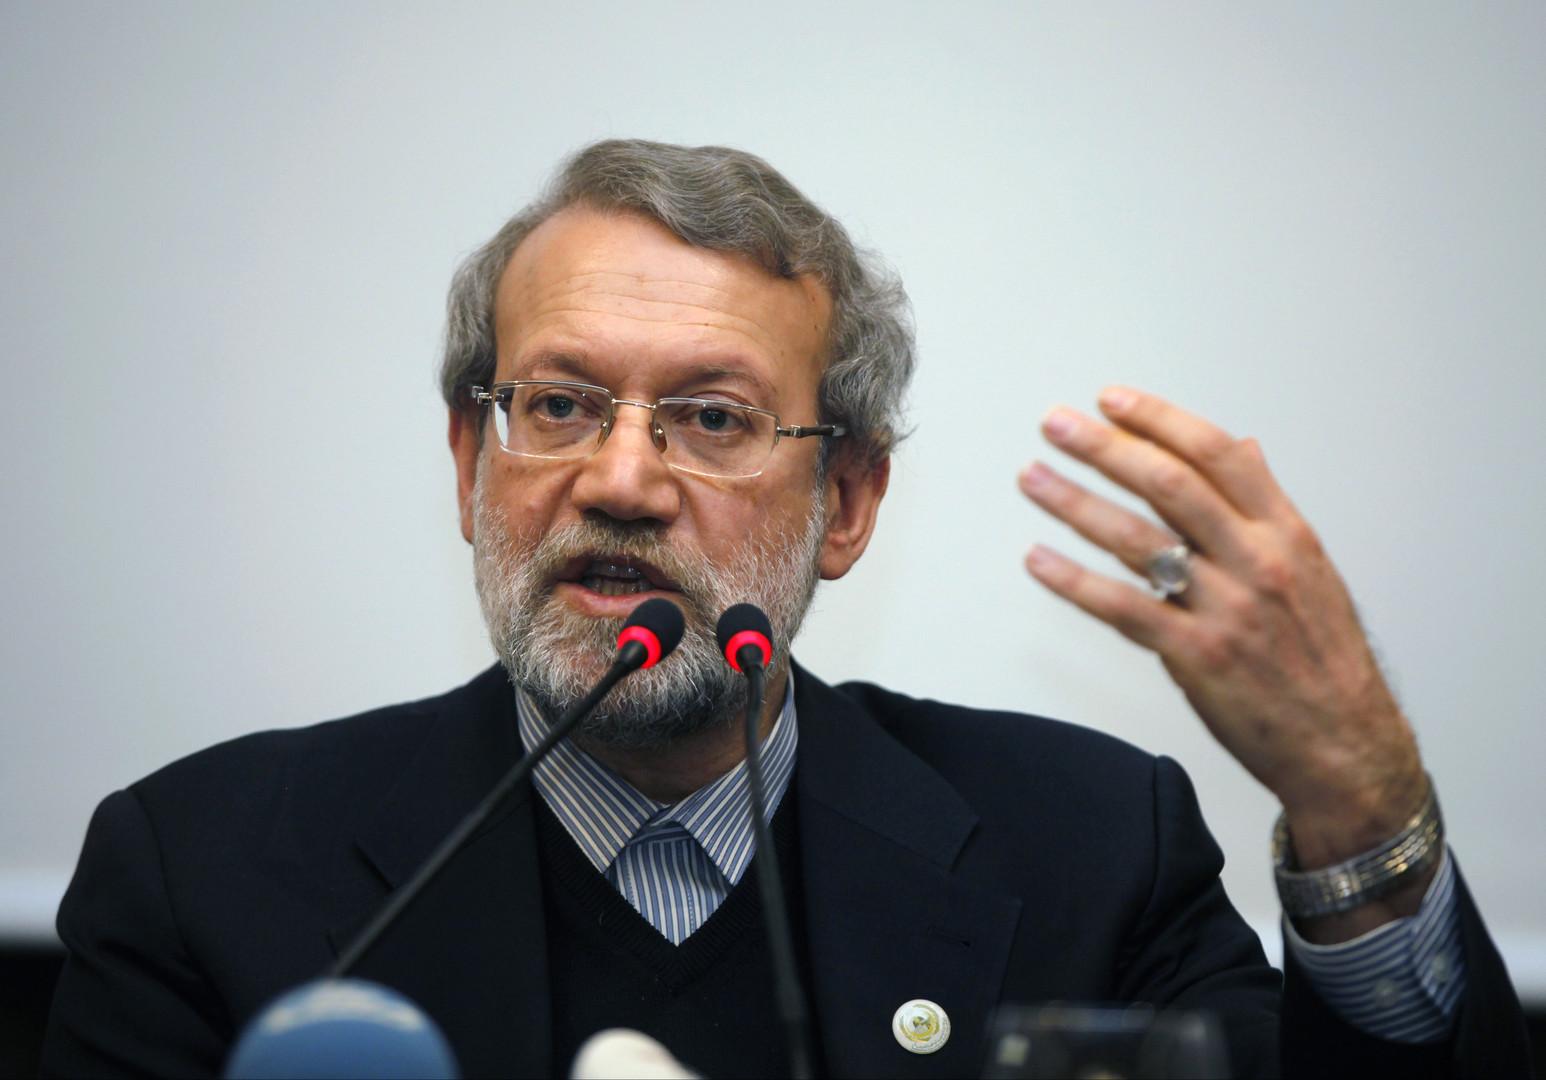 انتخاب لاريجاني رئيسا للبرلمان الإيراني لولاية جديدة